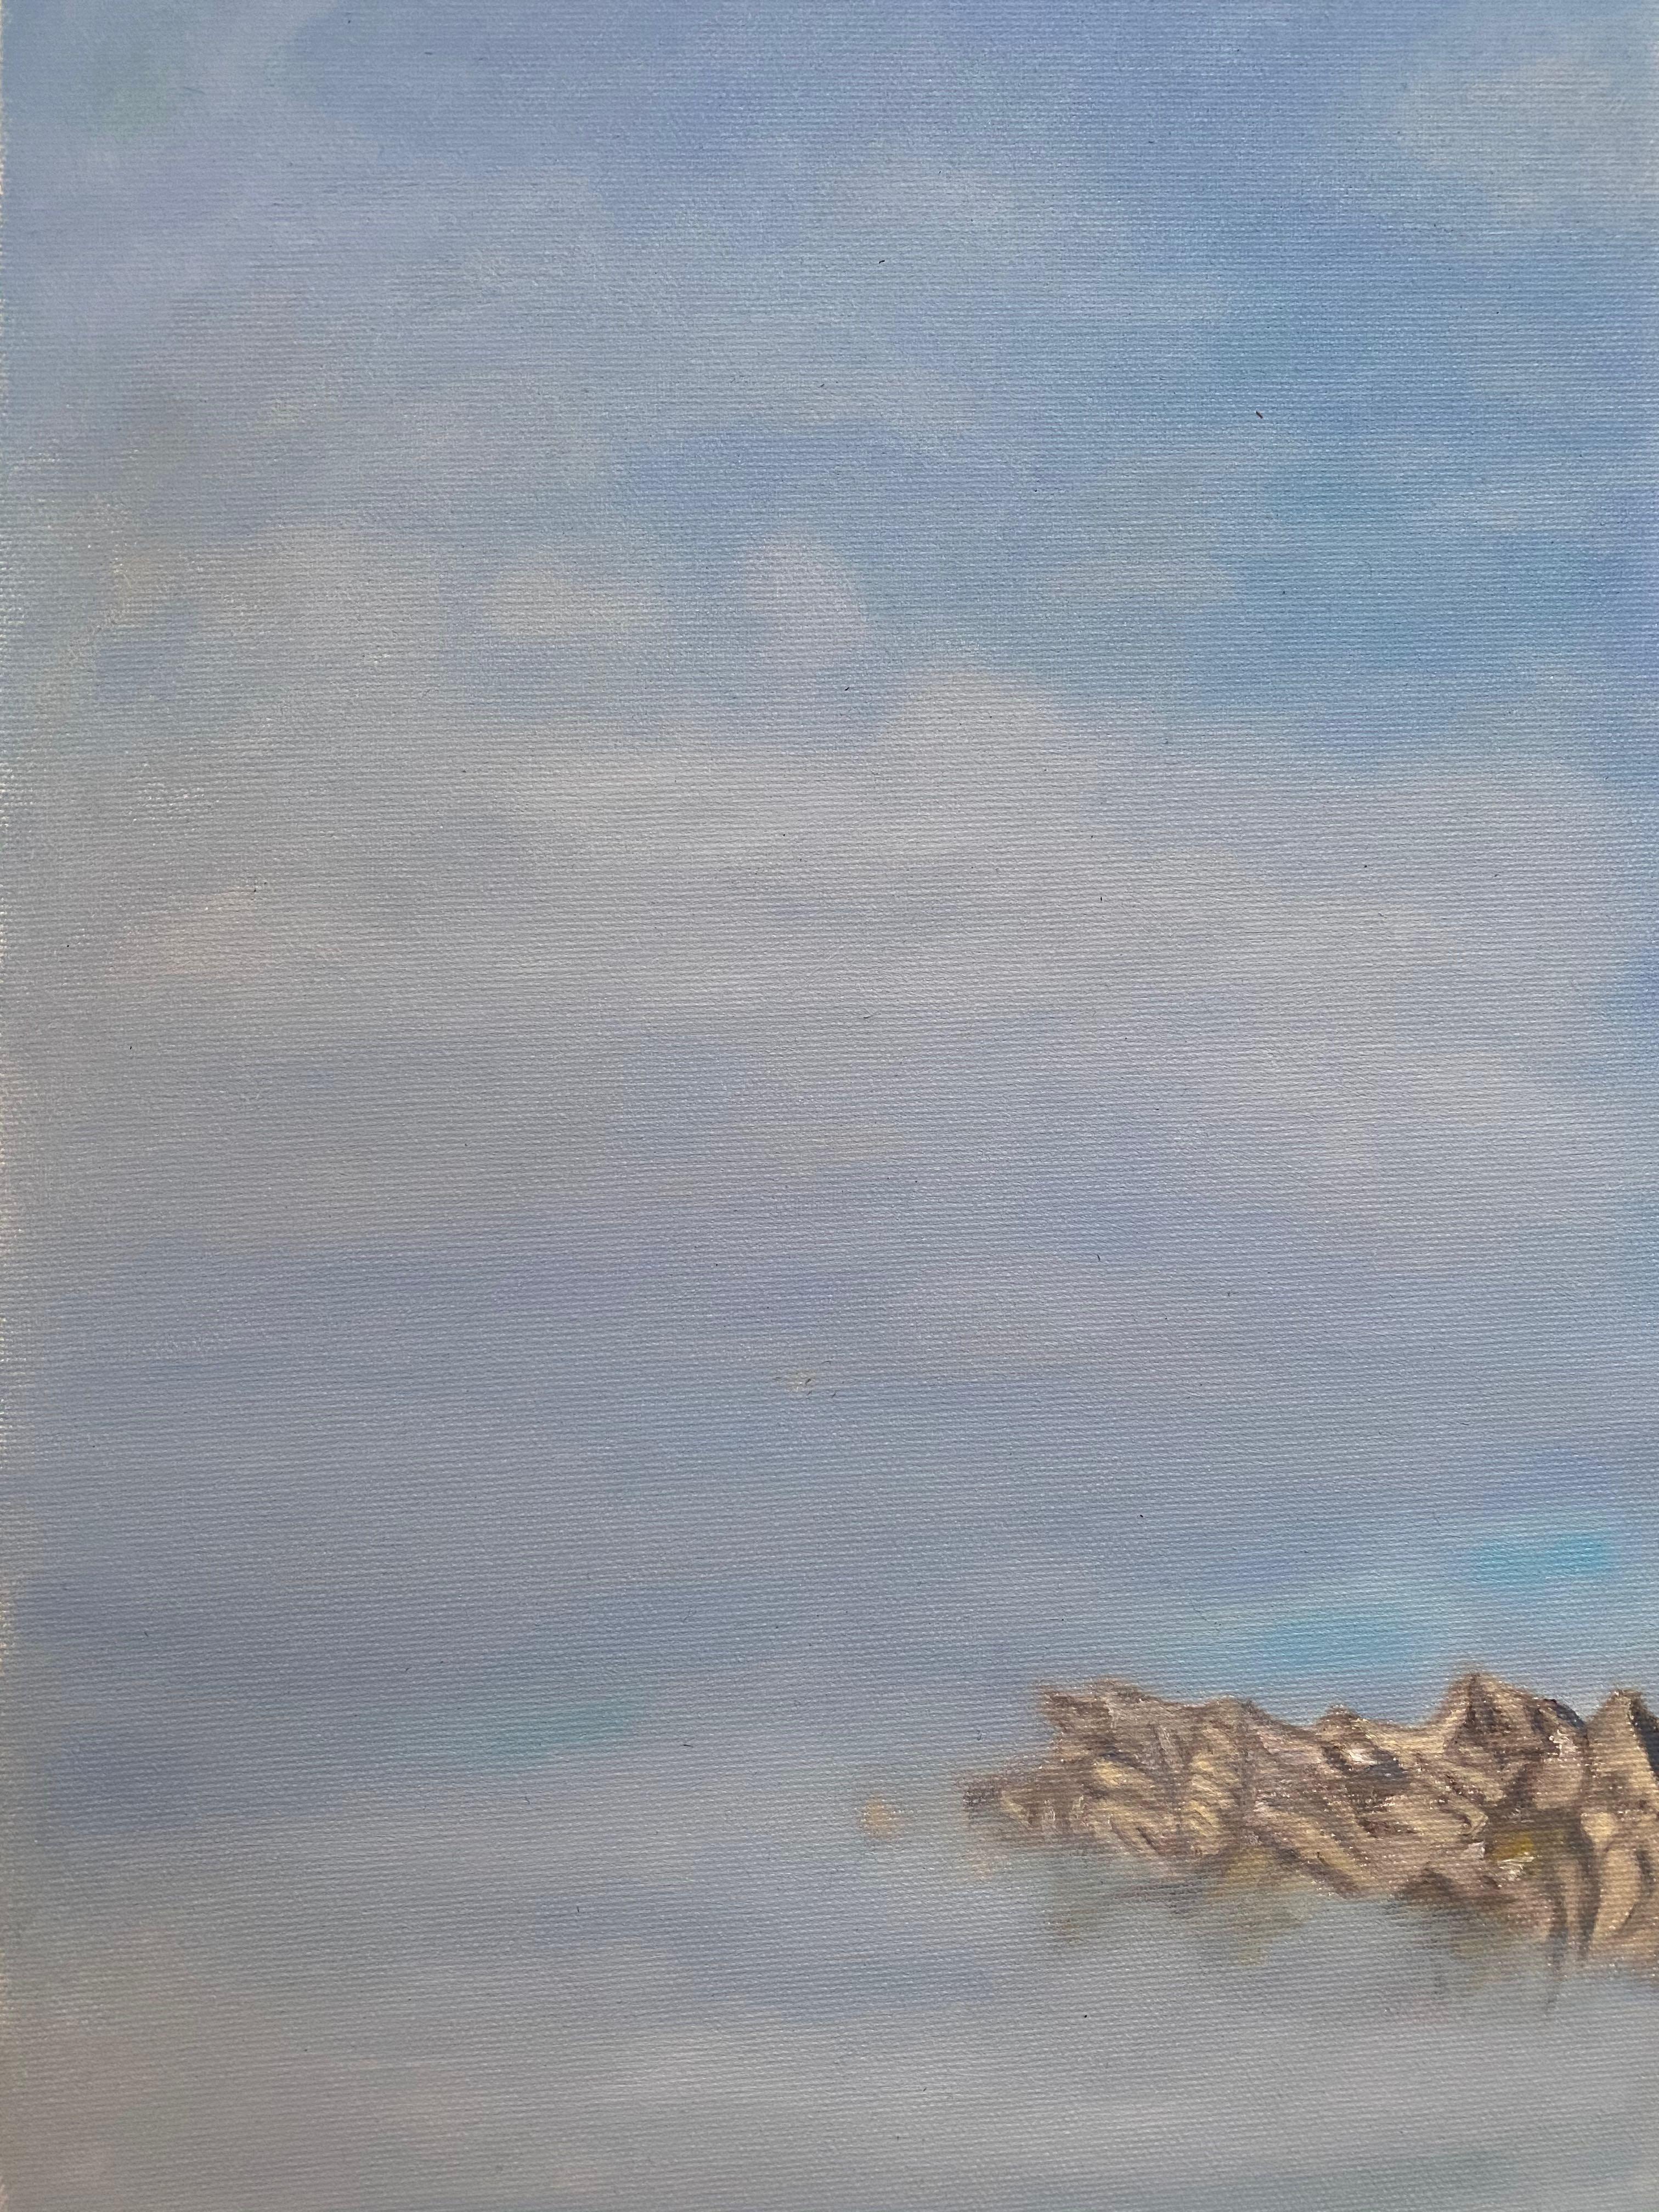 Gergkette in den Wolken